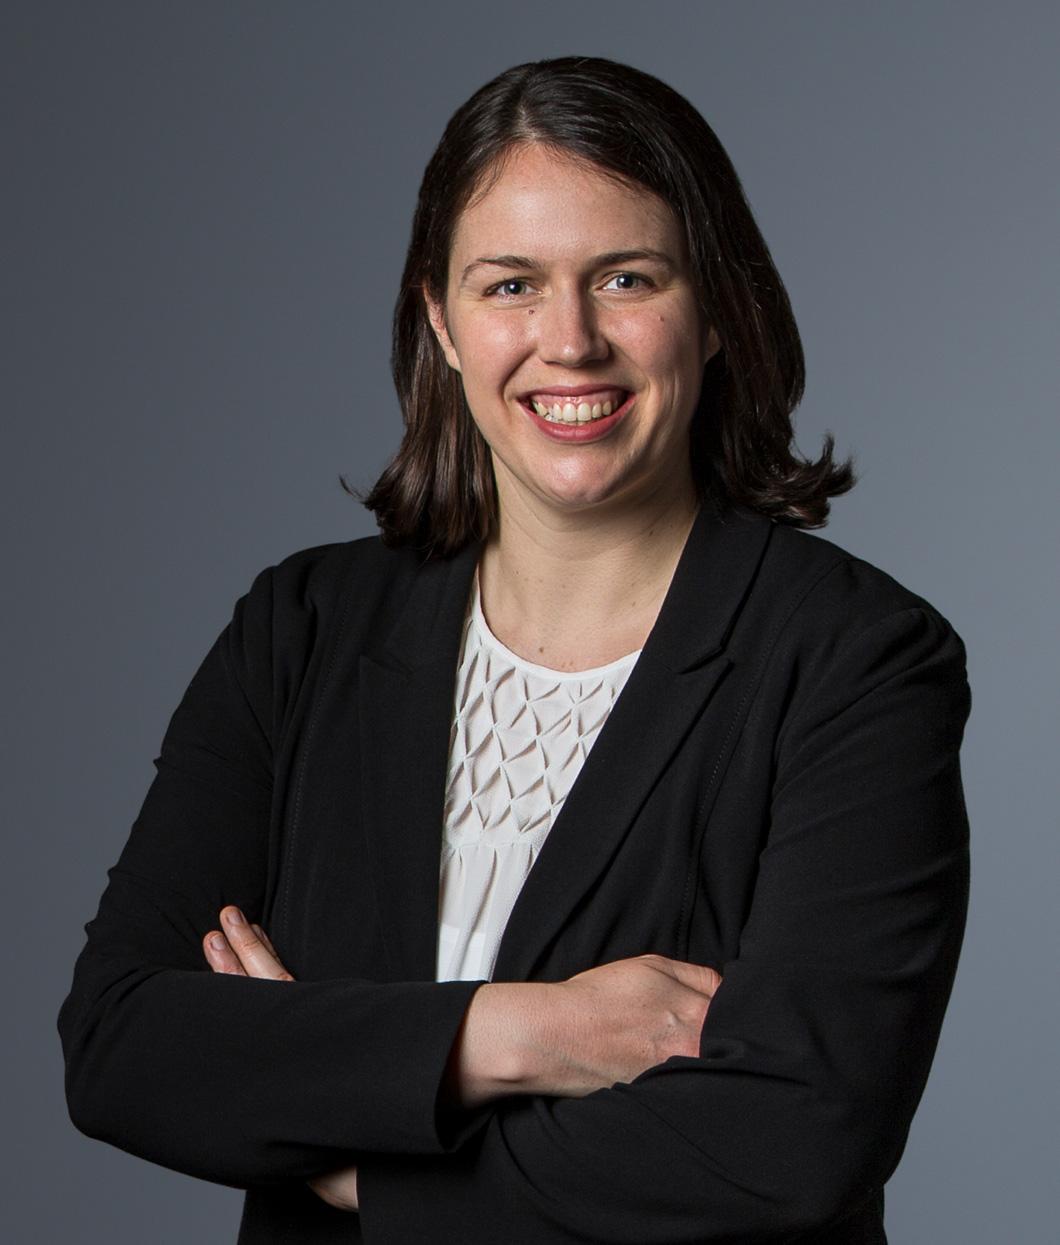 Christine Ernst